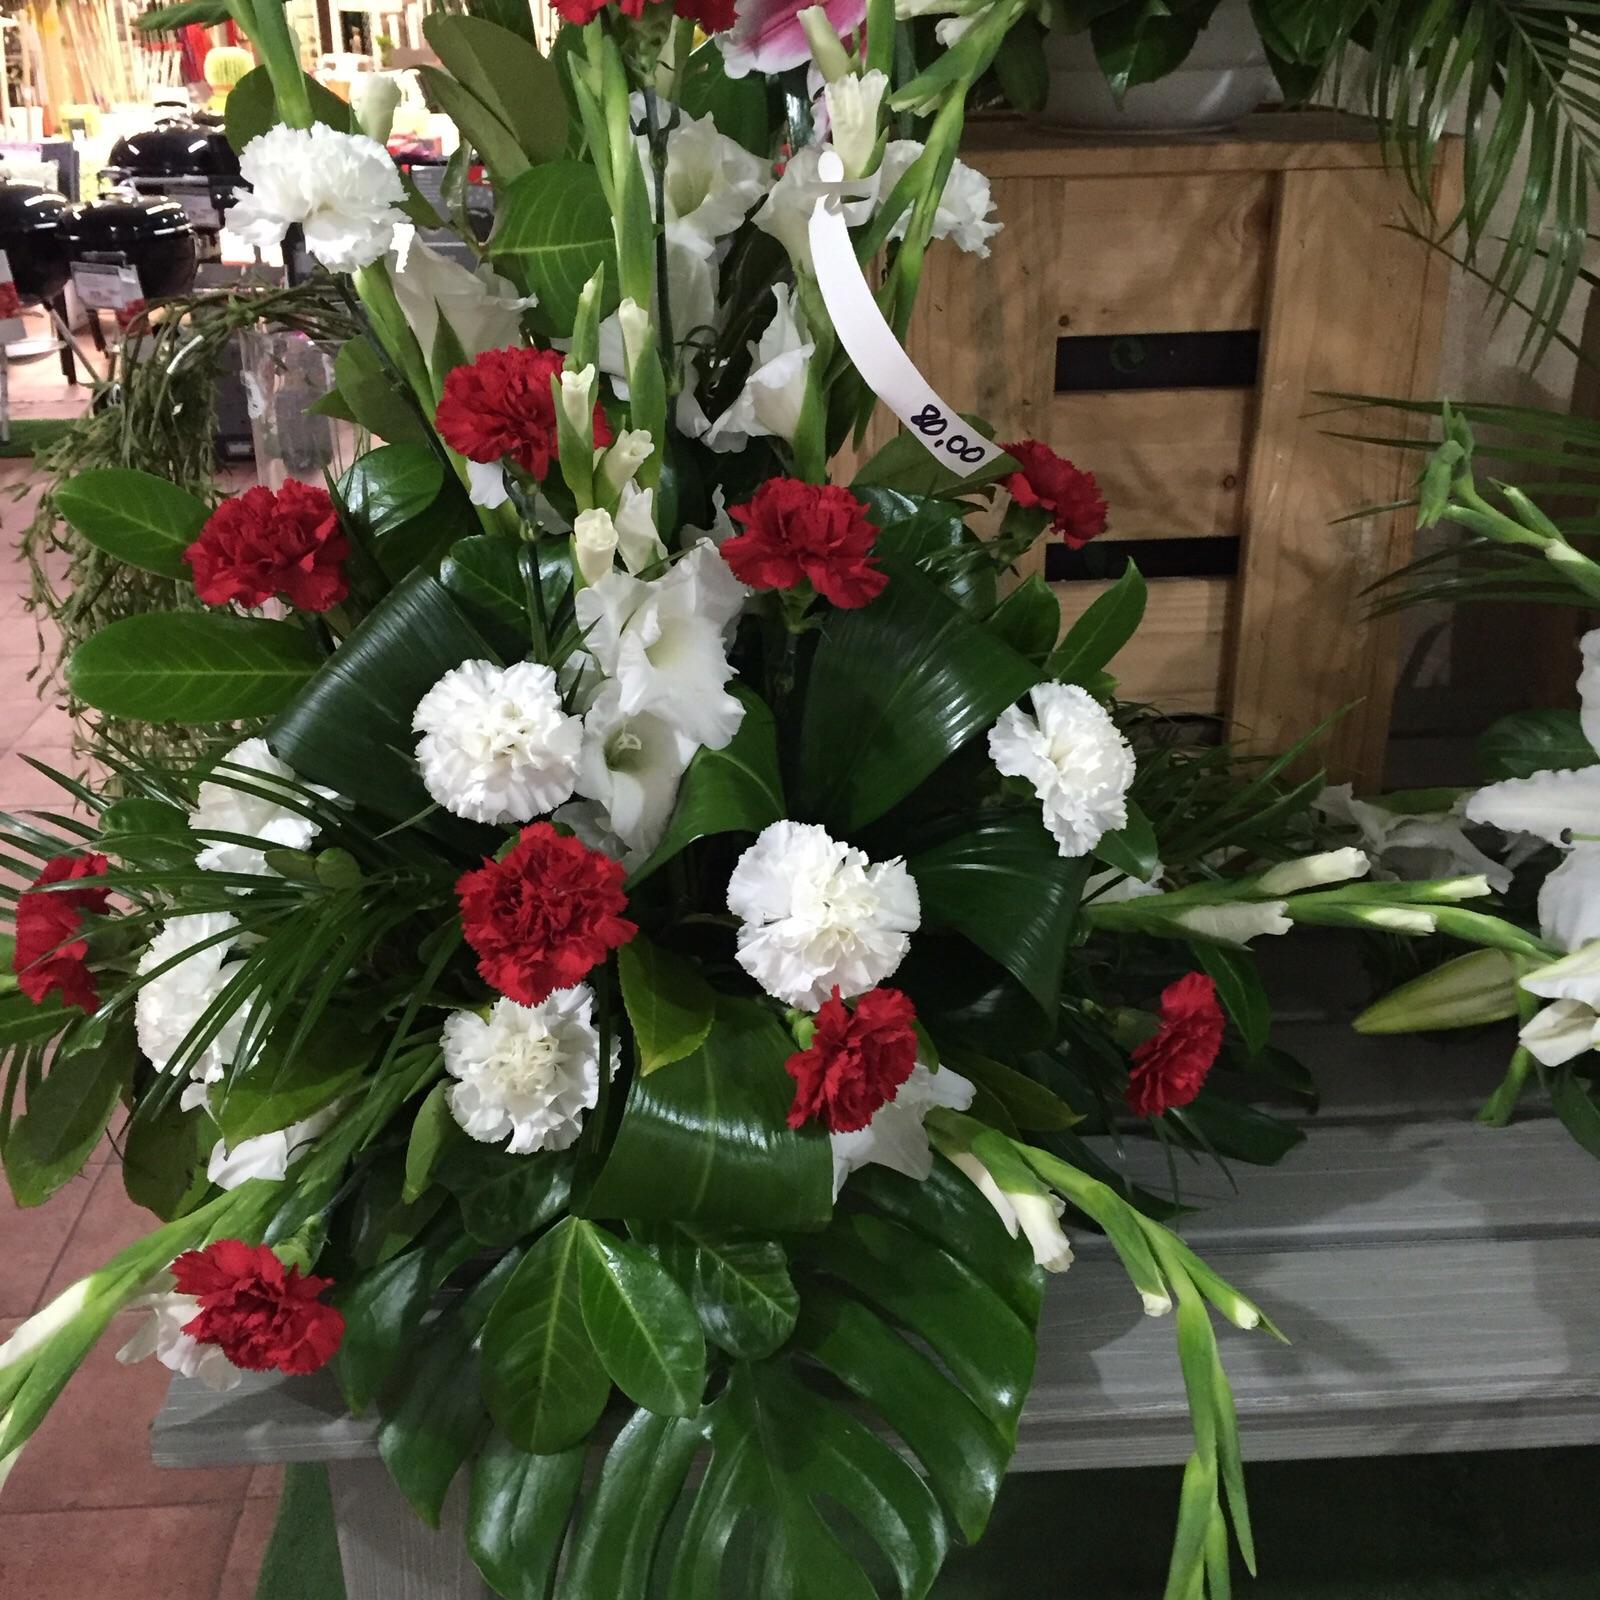 a continuacin los exclusivos centros de flor natural confeccionados por nuestrs experts florists con el diseo exclusivo y la calidad garantizada por